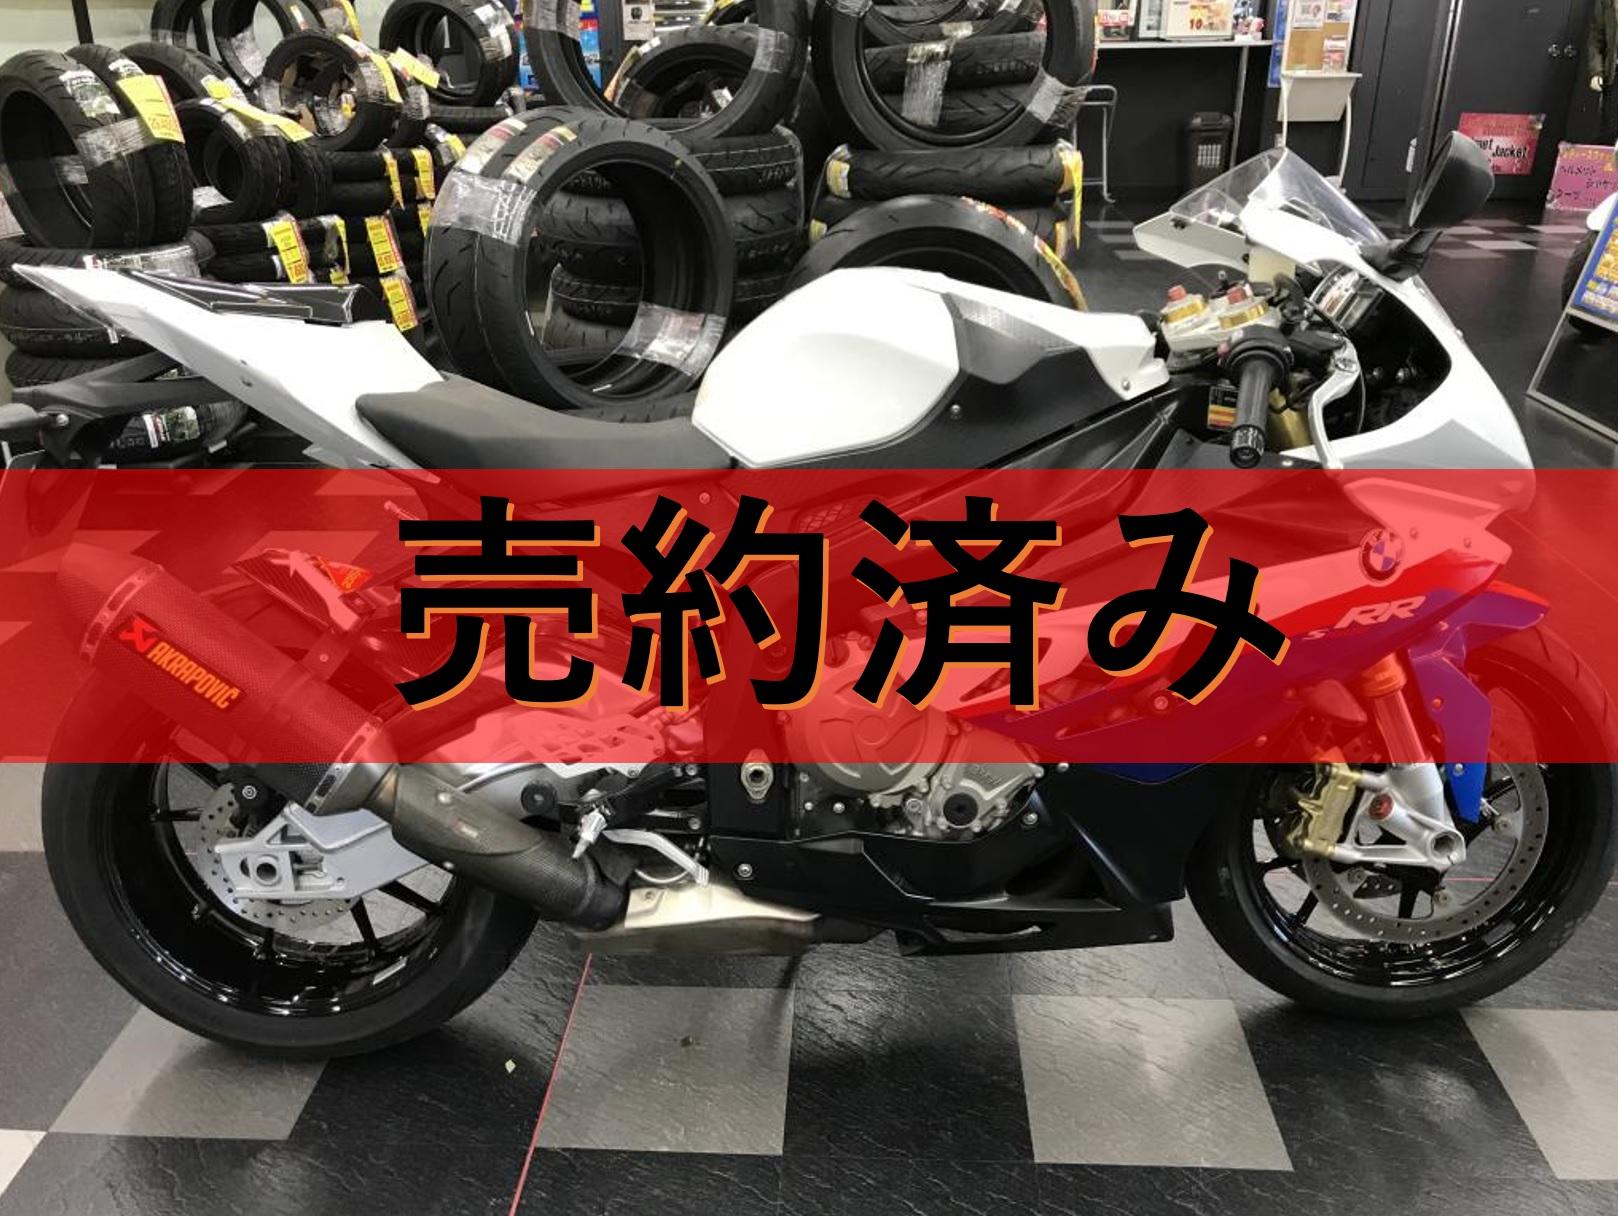 BMW 【販売車両】S1000RR リアカーボンフェンダー/ETC/エンジンスライダー付き